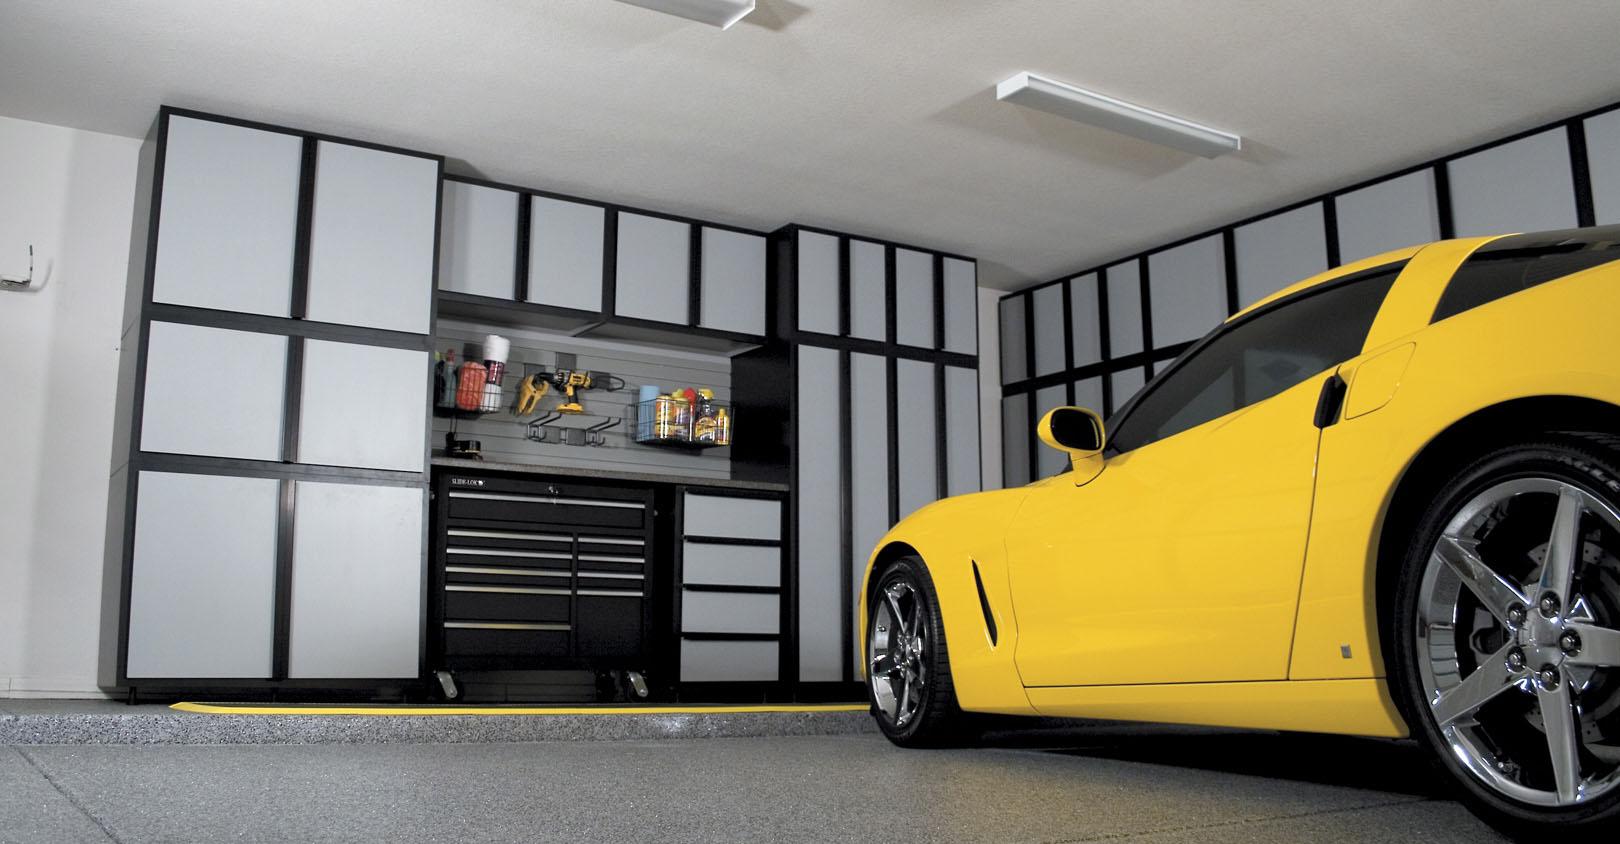 Epoxy Garage Floor Installers San Diego